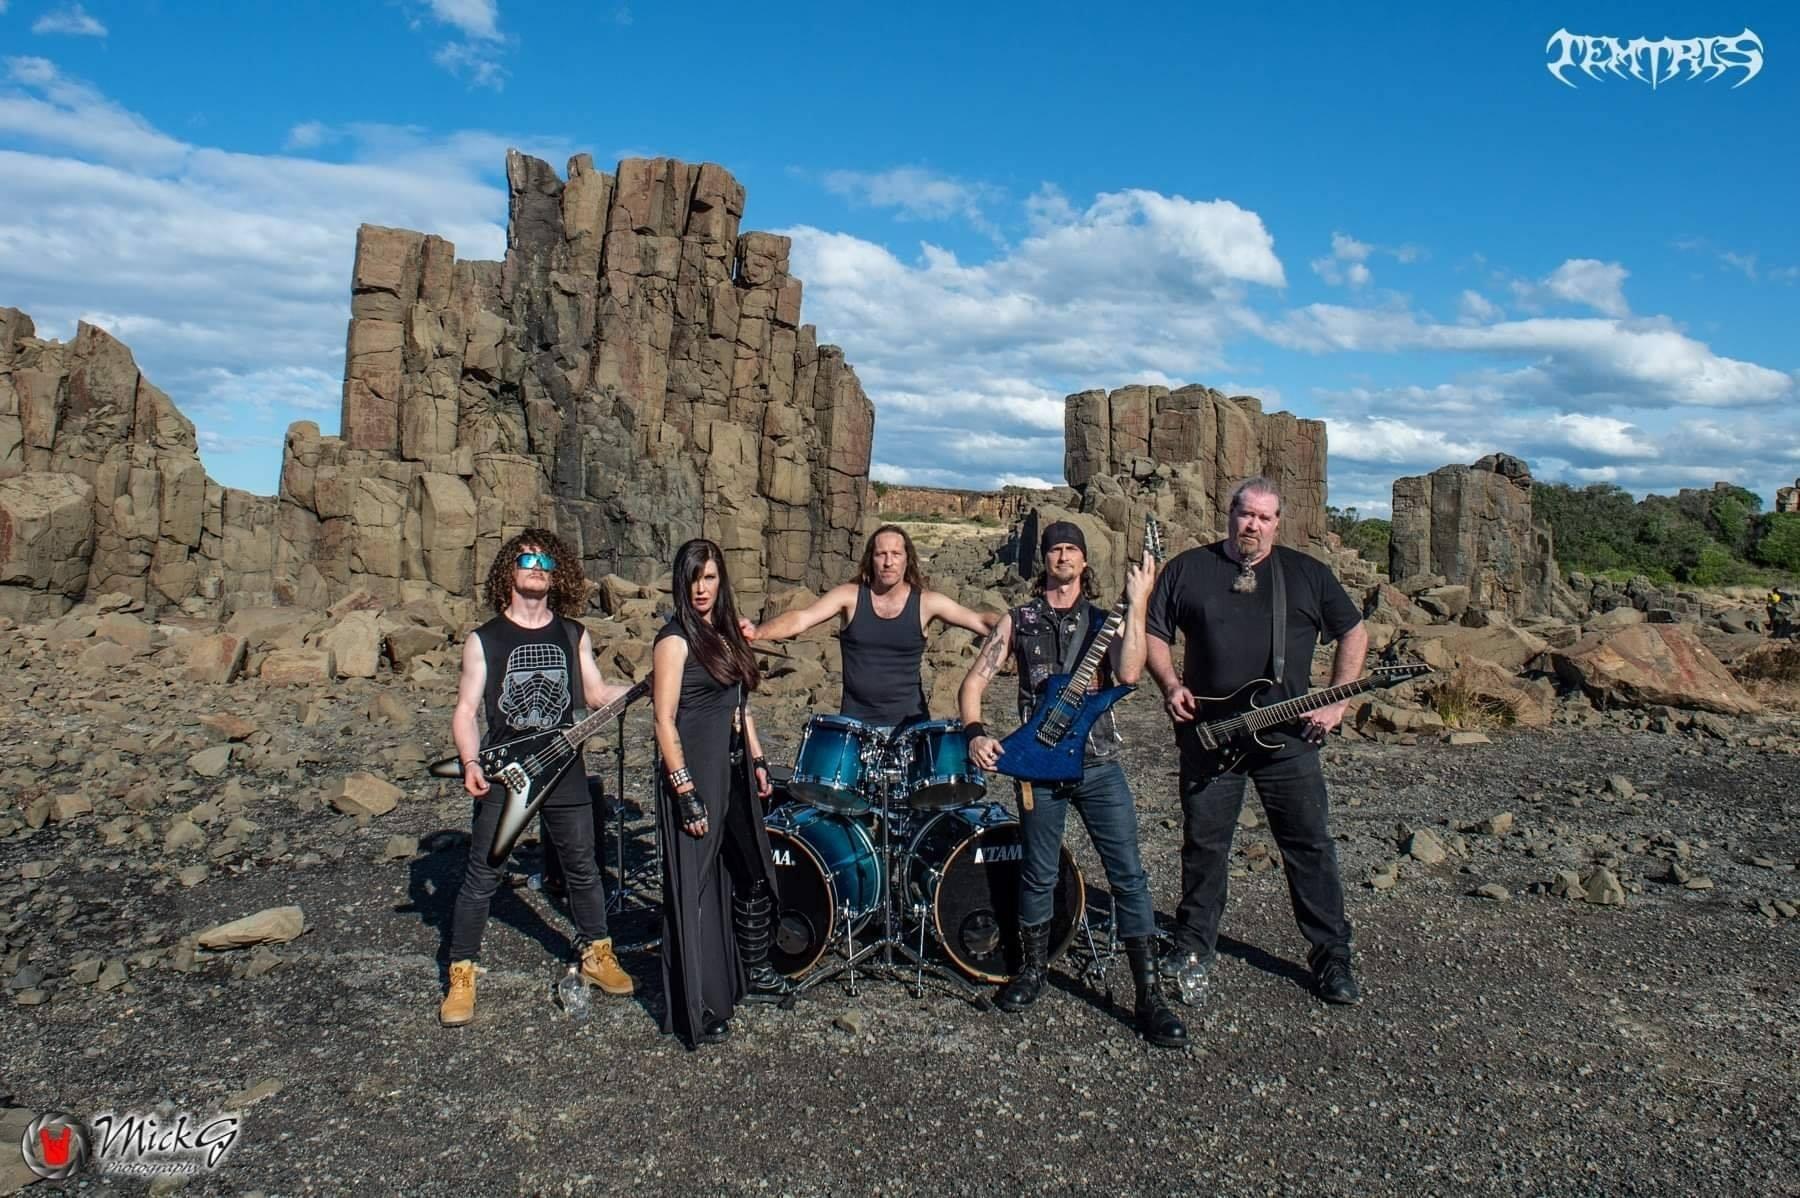 Nouveau clip de TEMTRIS Forever (2020) Heavy Metal Australie 10448910